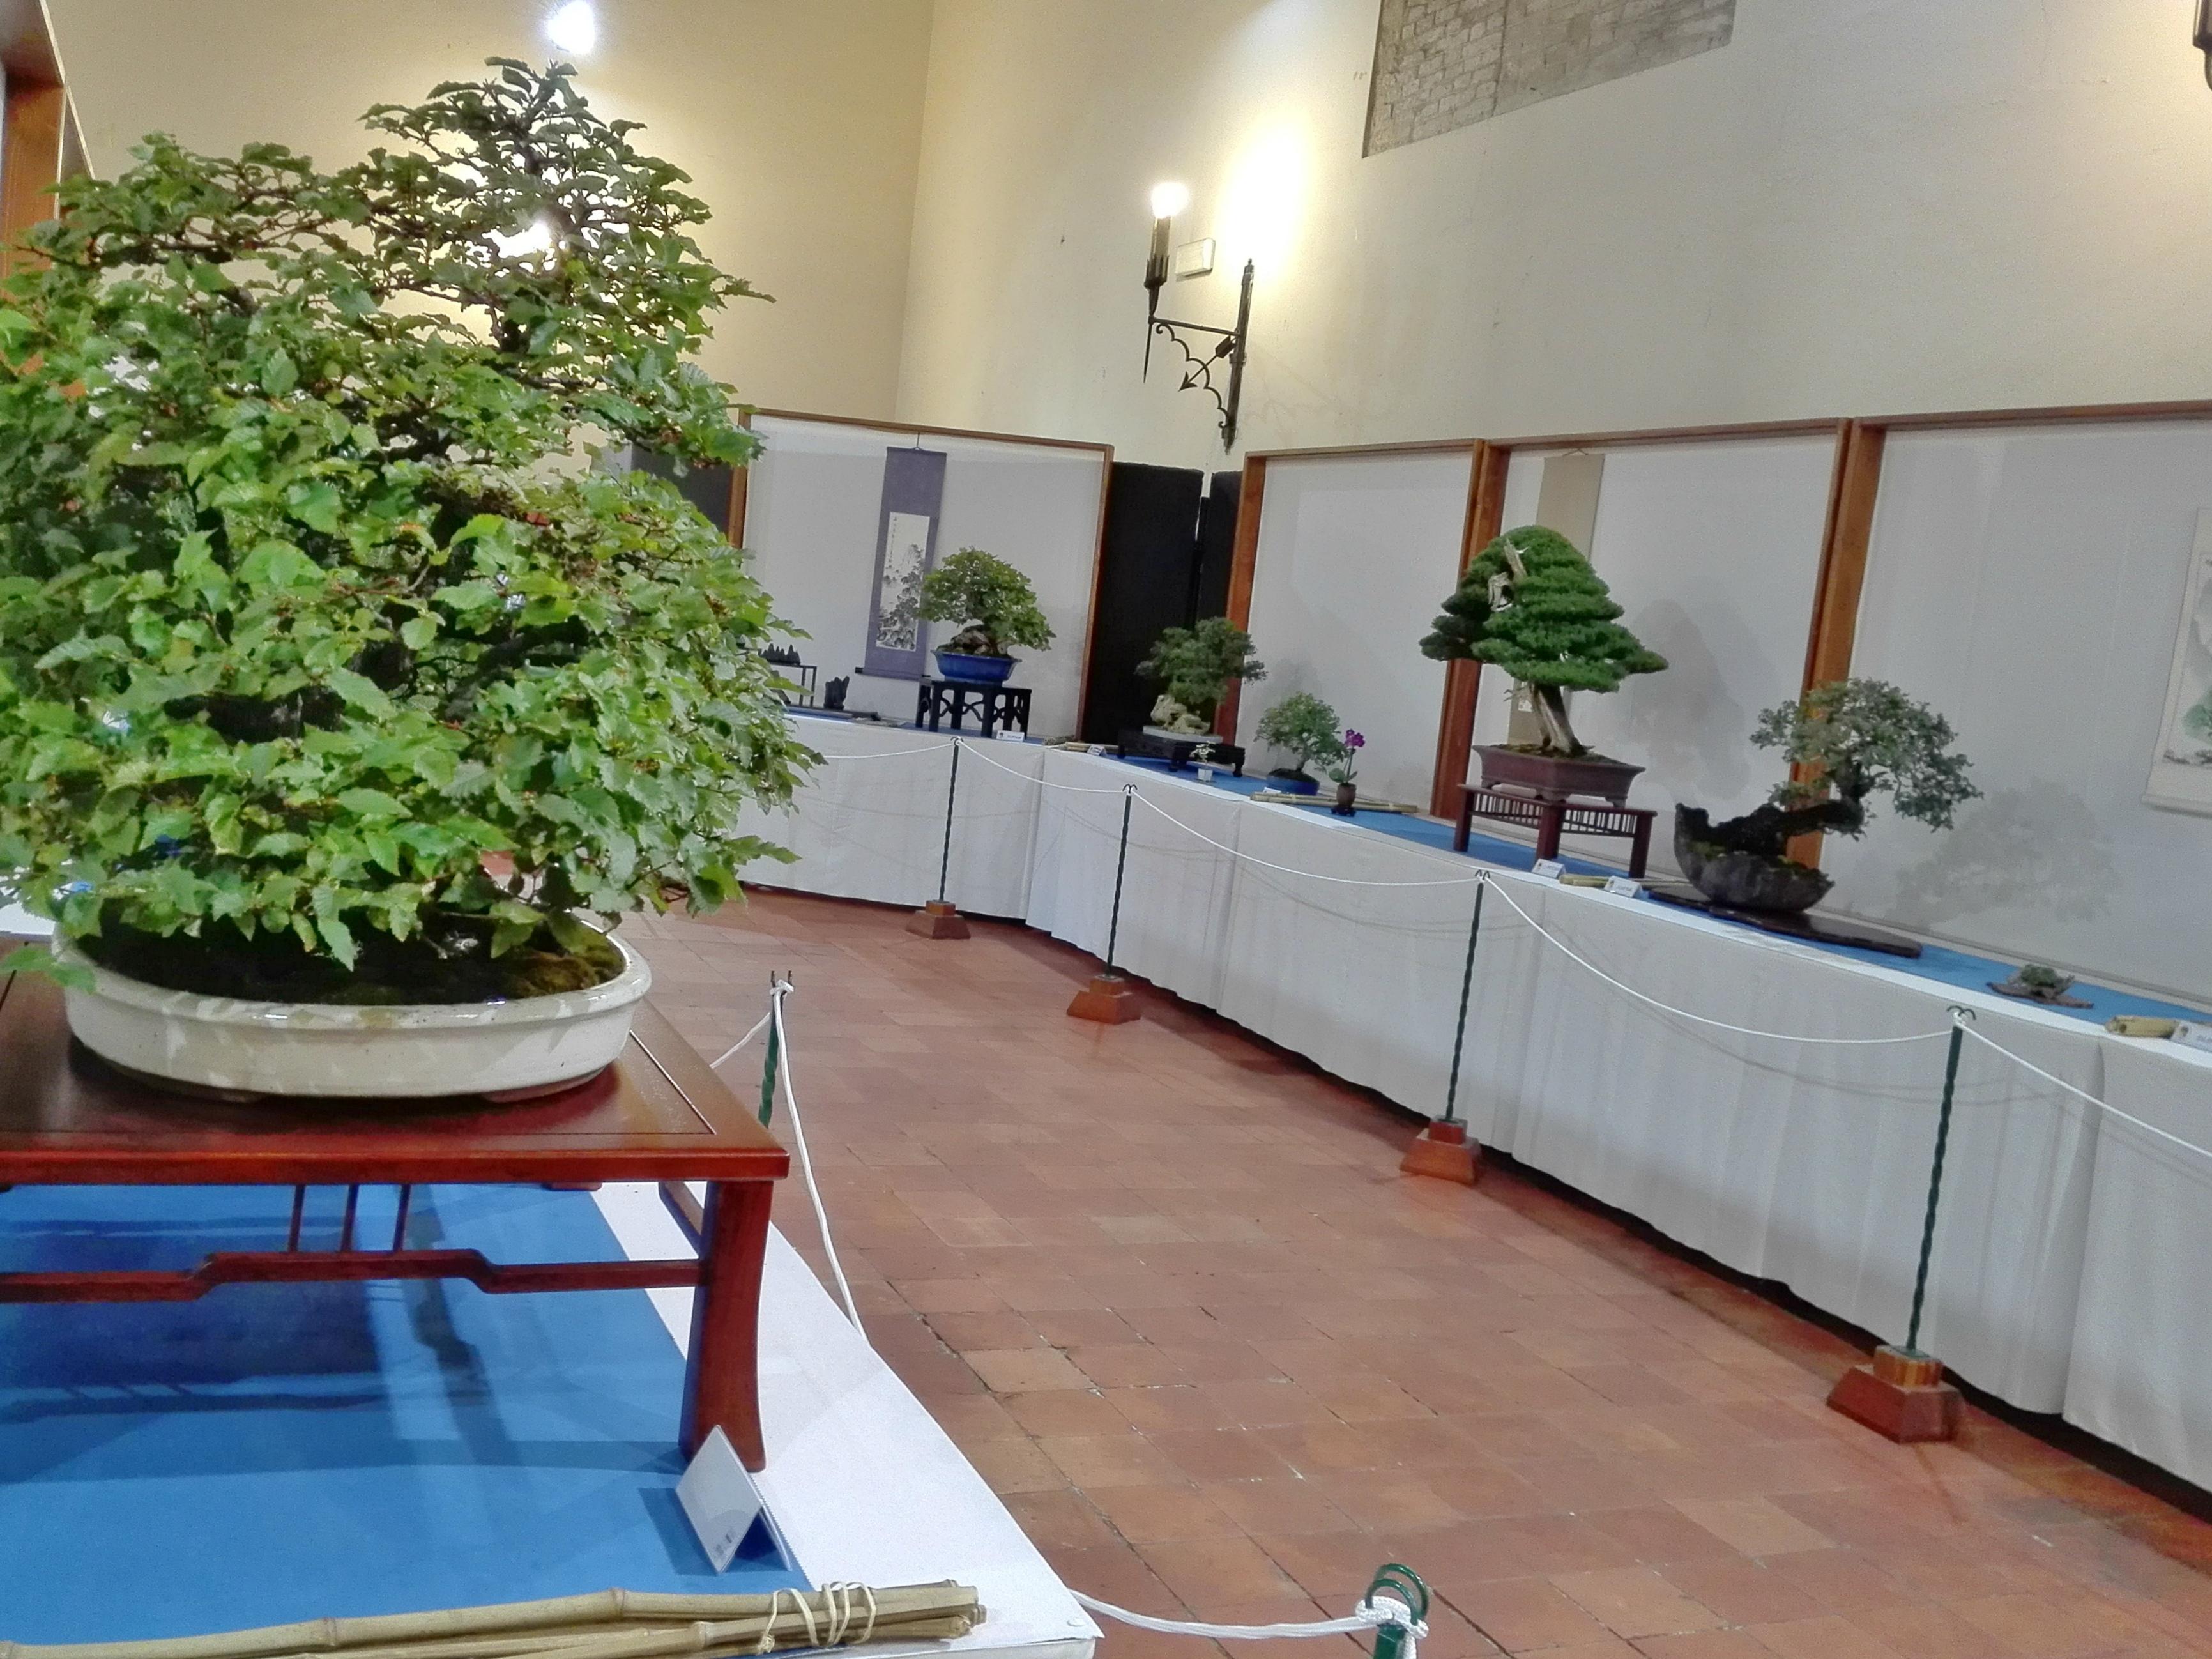 Mostra di Bonsai a Pesaro